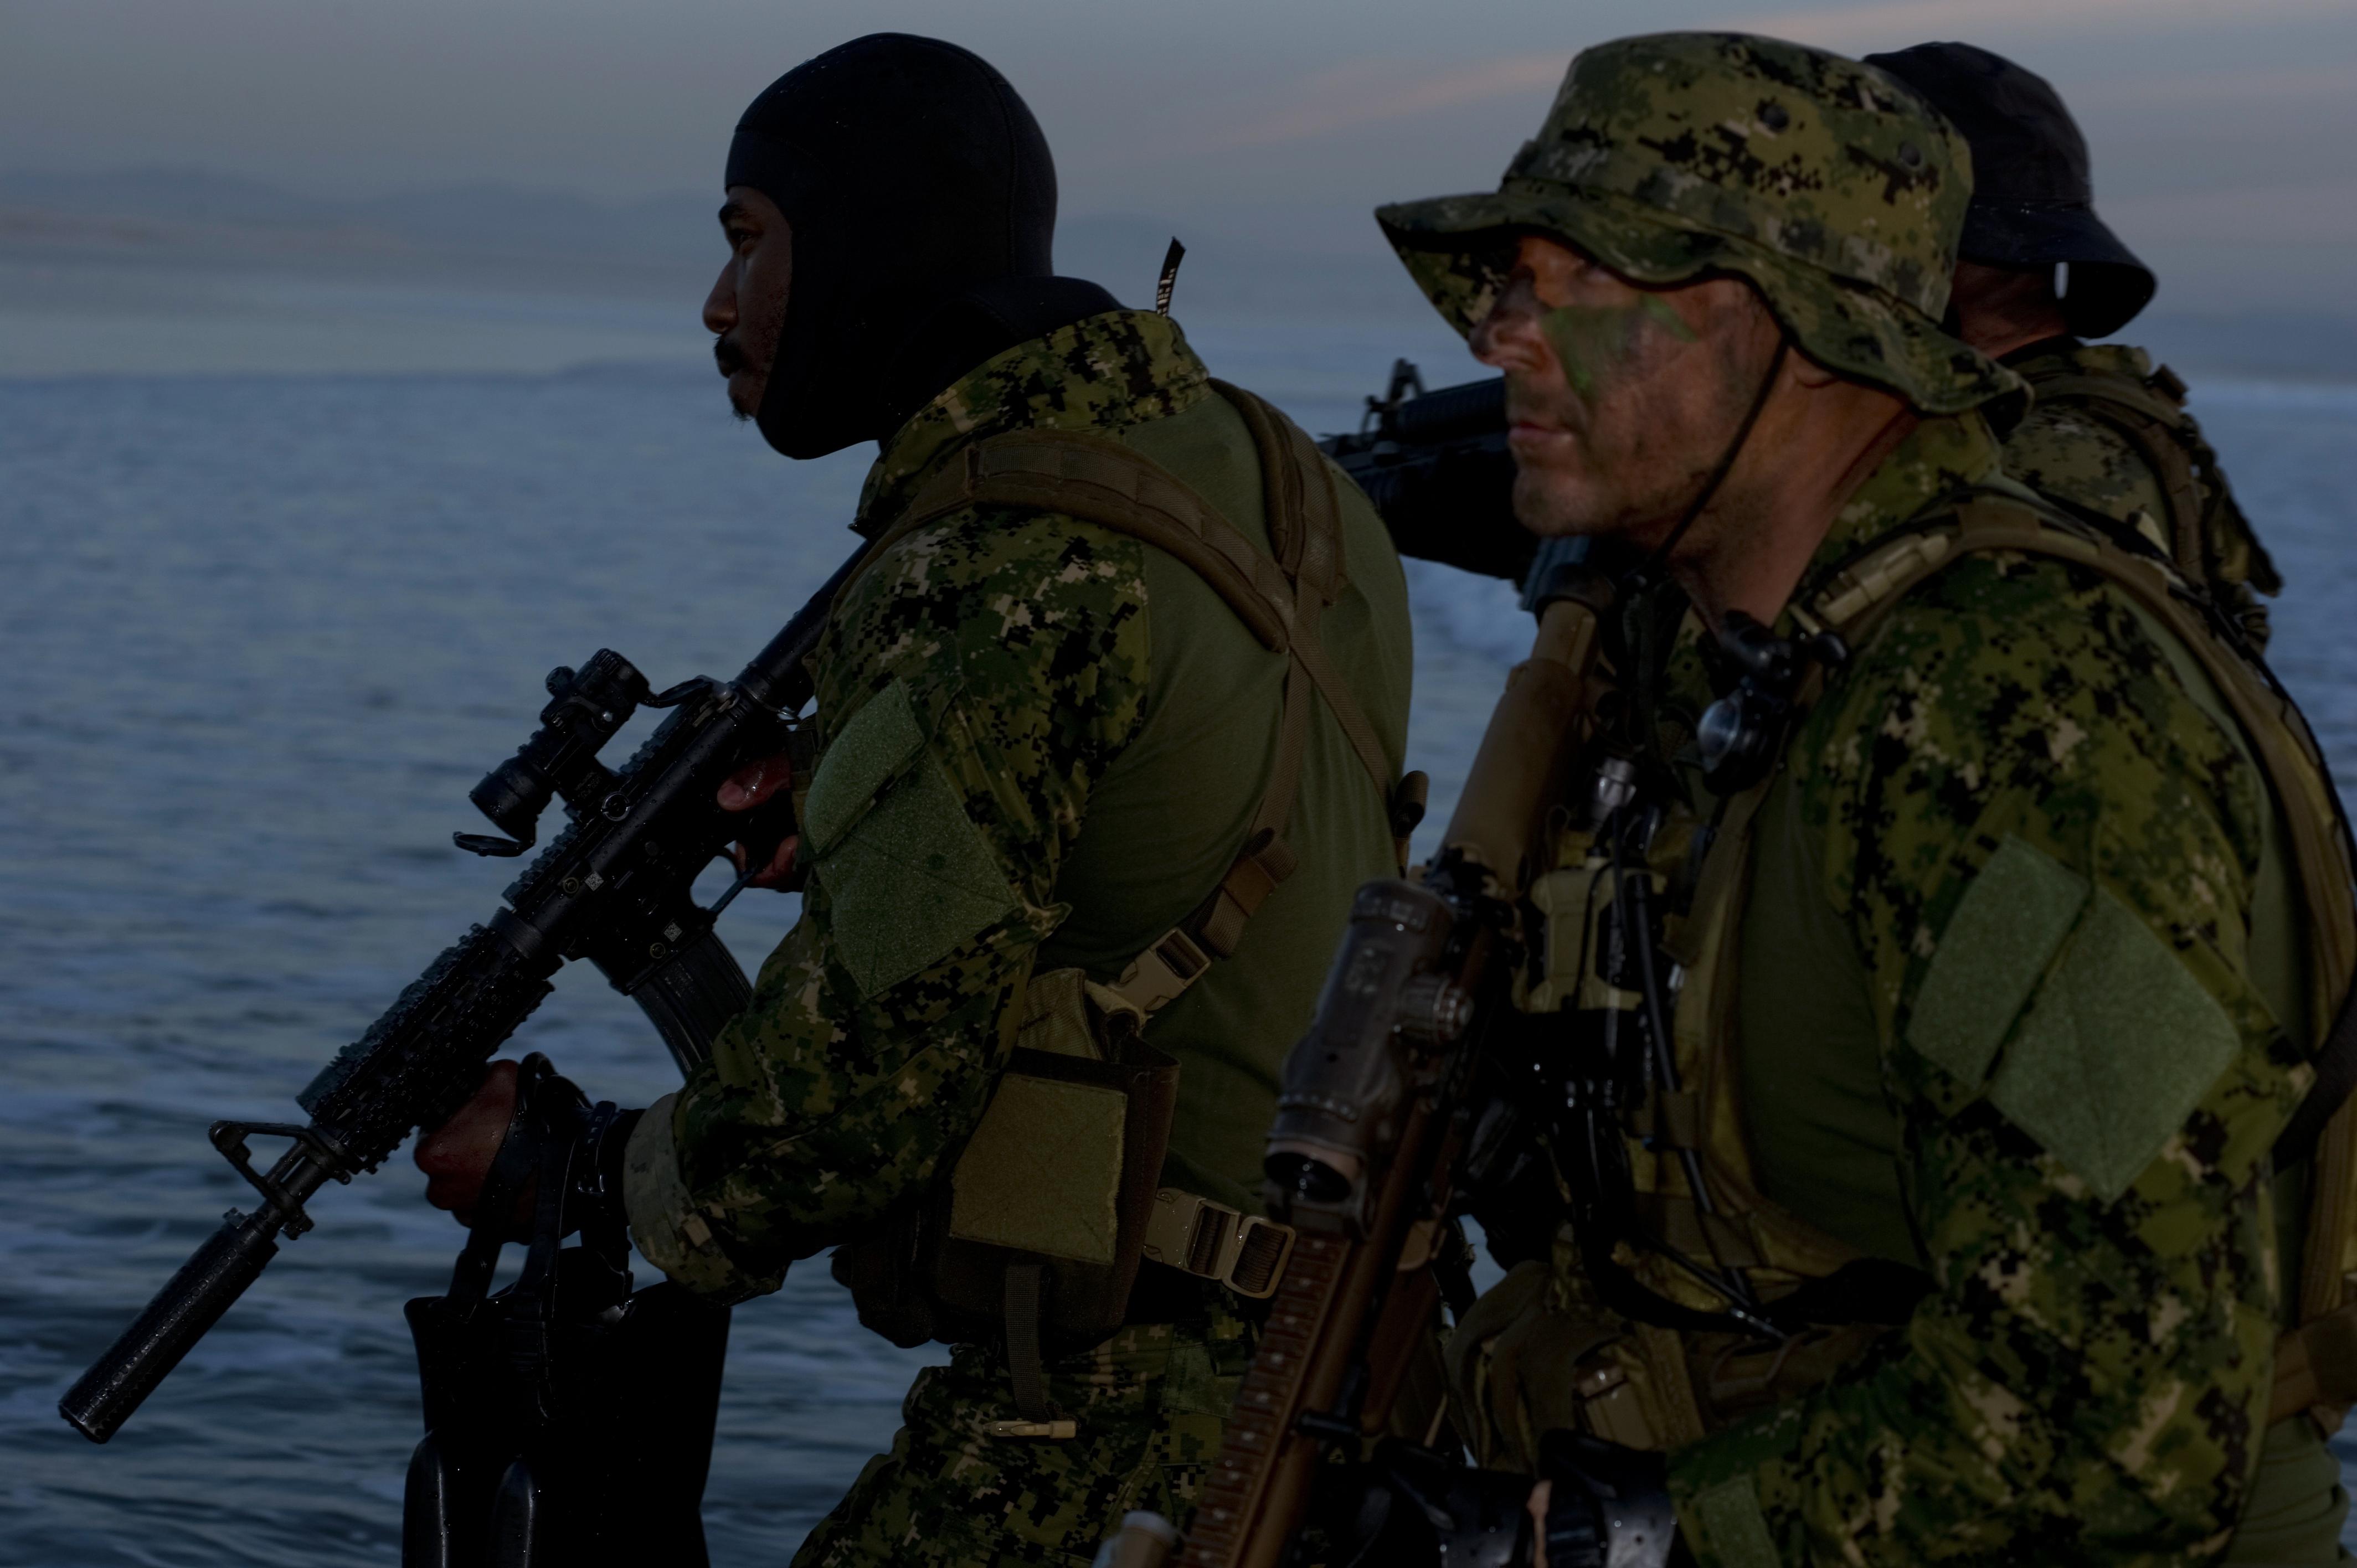 commonswikimediaorgwikiFileUnited States Navy SEALs 192jpg 4256x2832